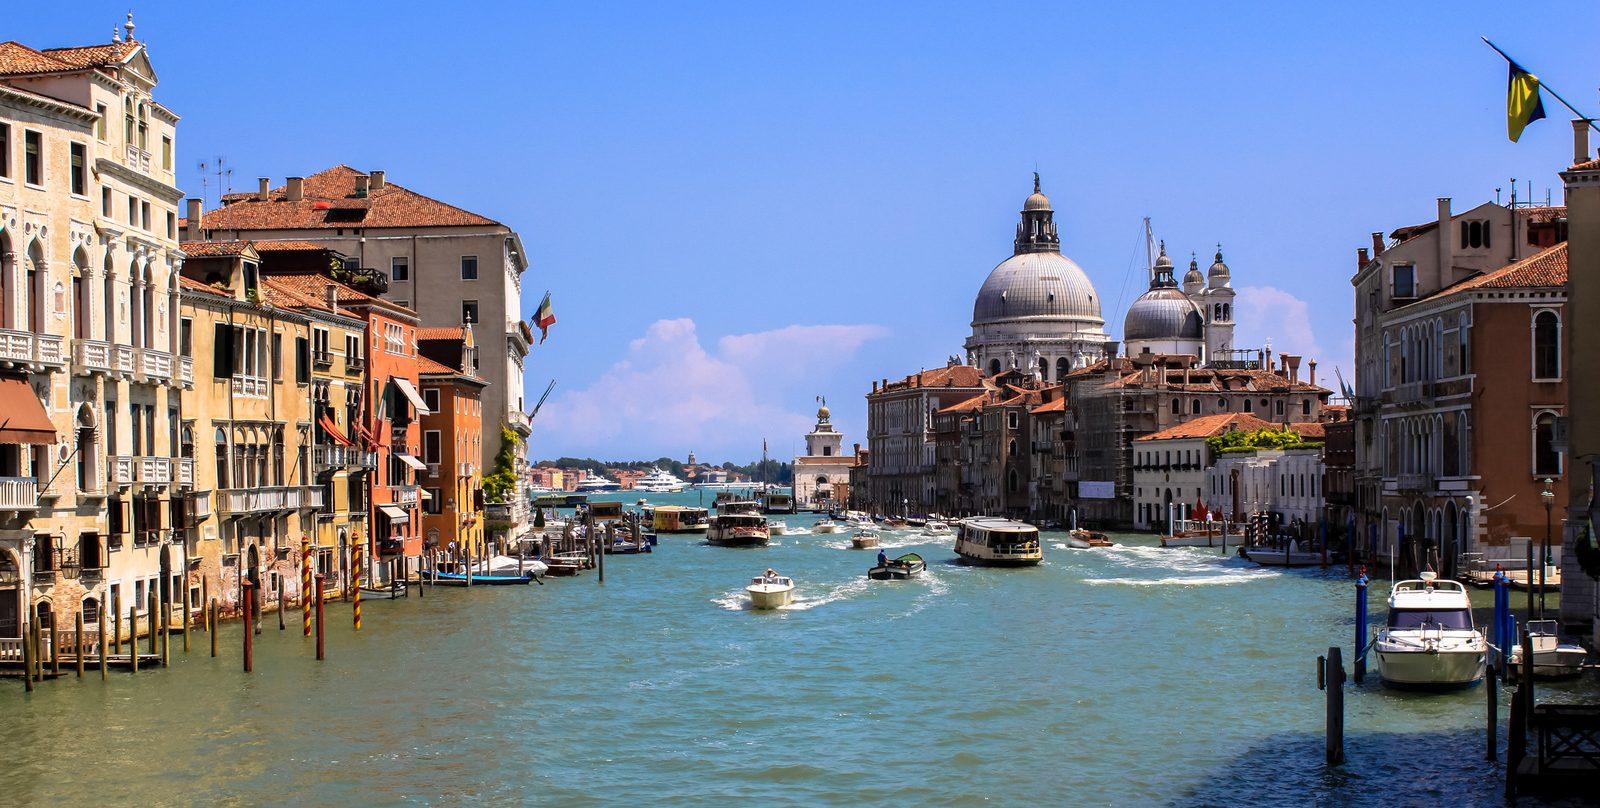 Cosa visitare a Venezia vista dal Ponte dell'Accademia